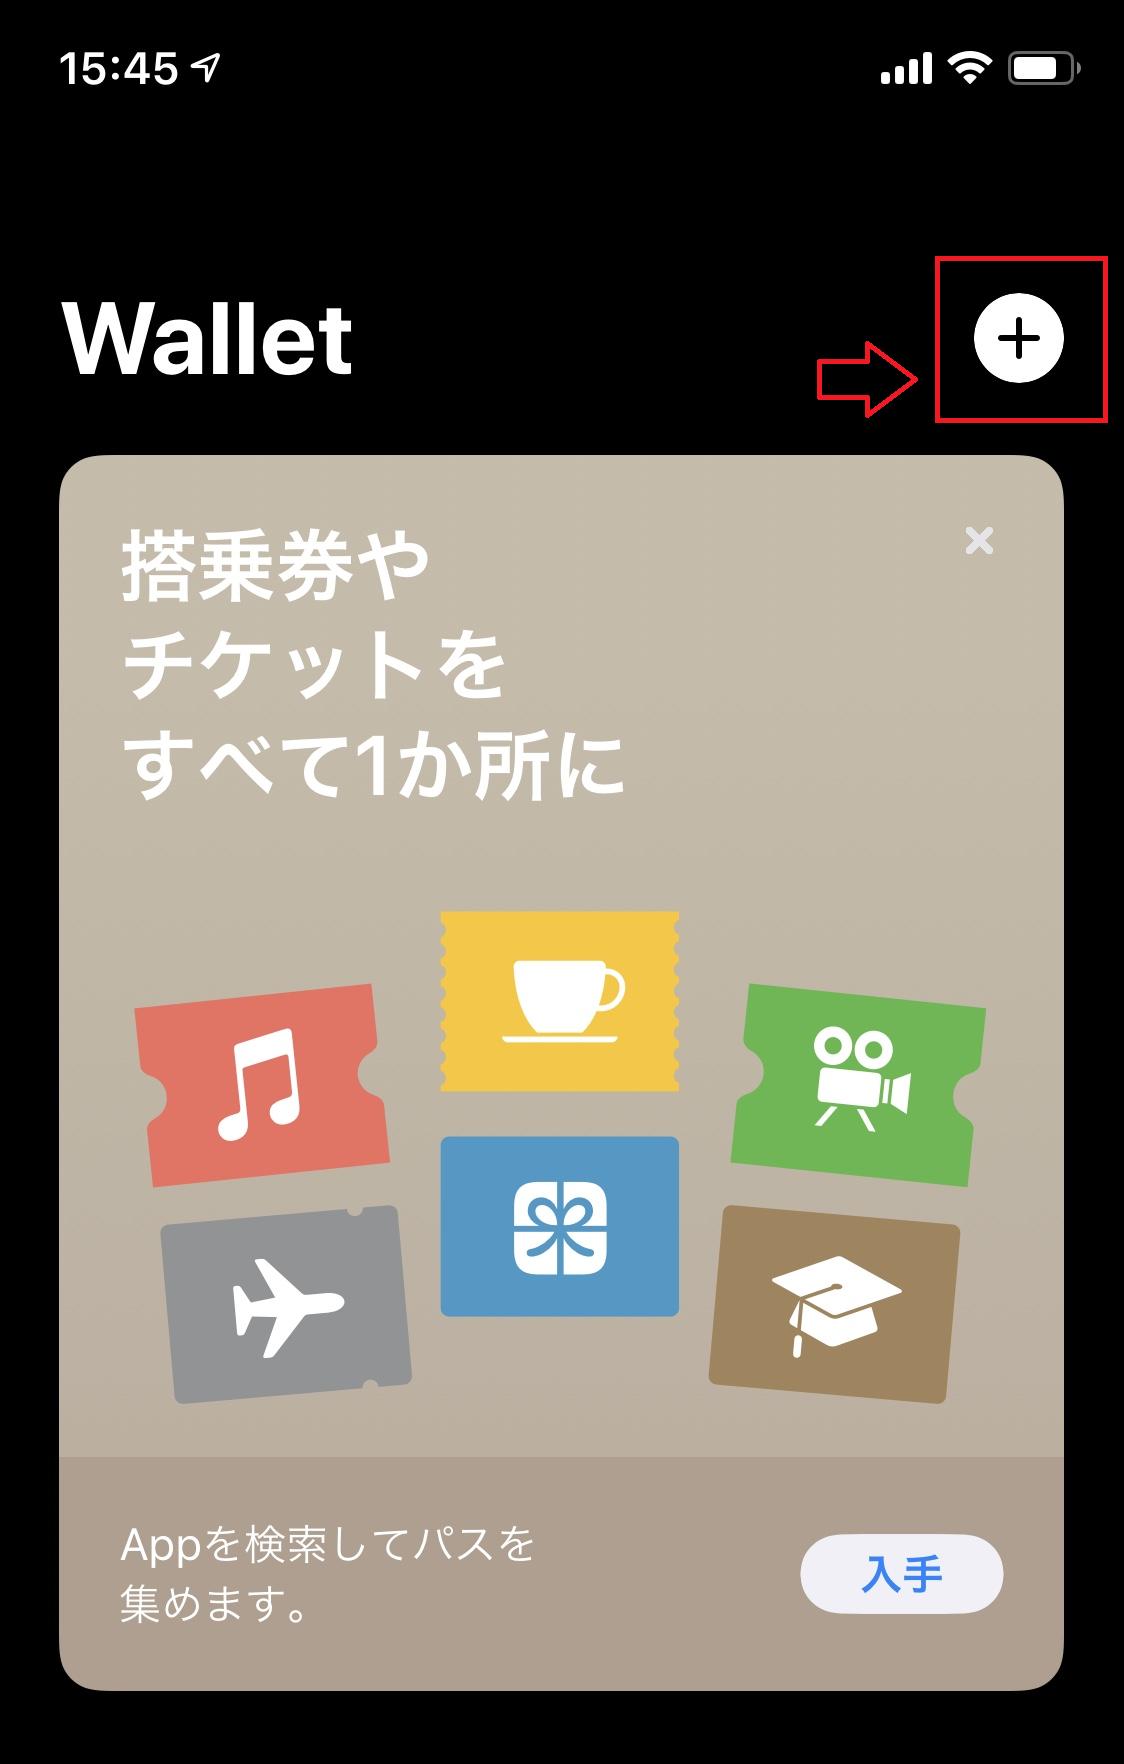 変更 イトーヨーカドー アプリ 機種 スマートフォン機種変更時の注意点について